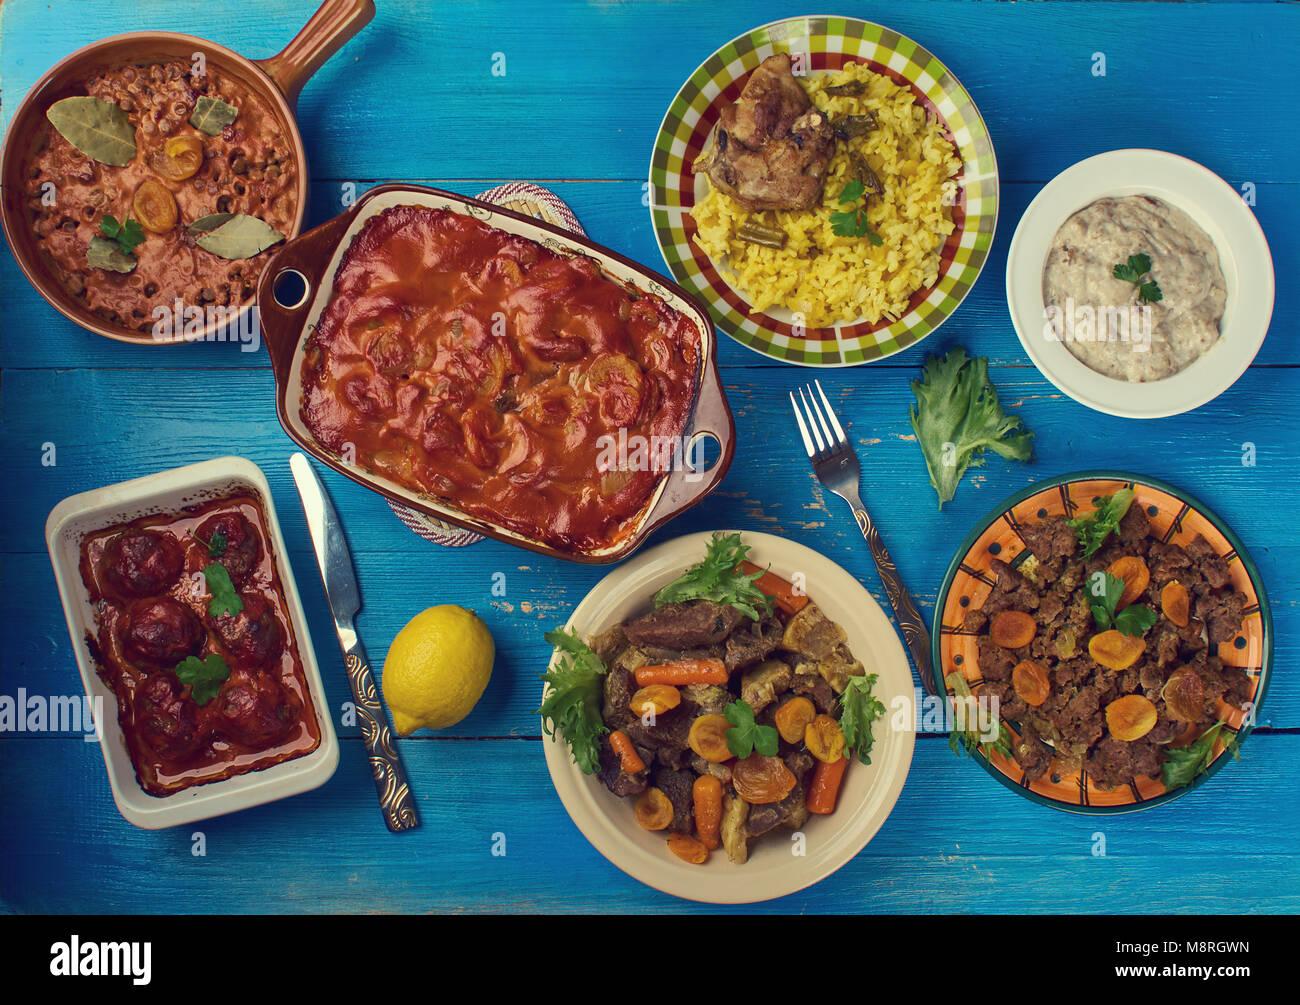 La Cuisine Sud Africaine Traditionnelle Un Assortiment De Plats